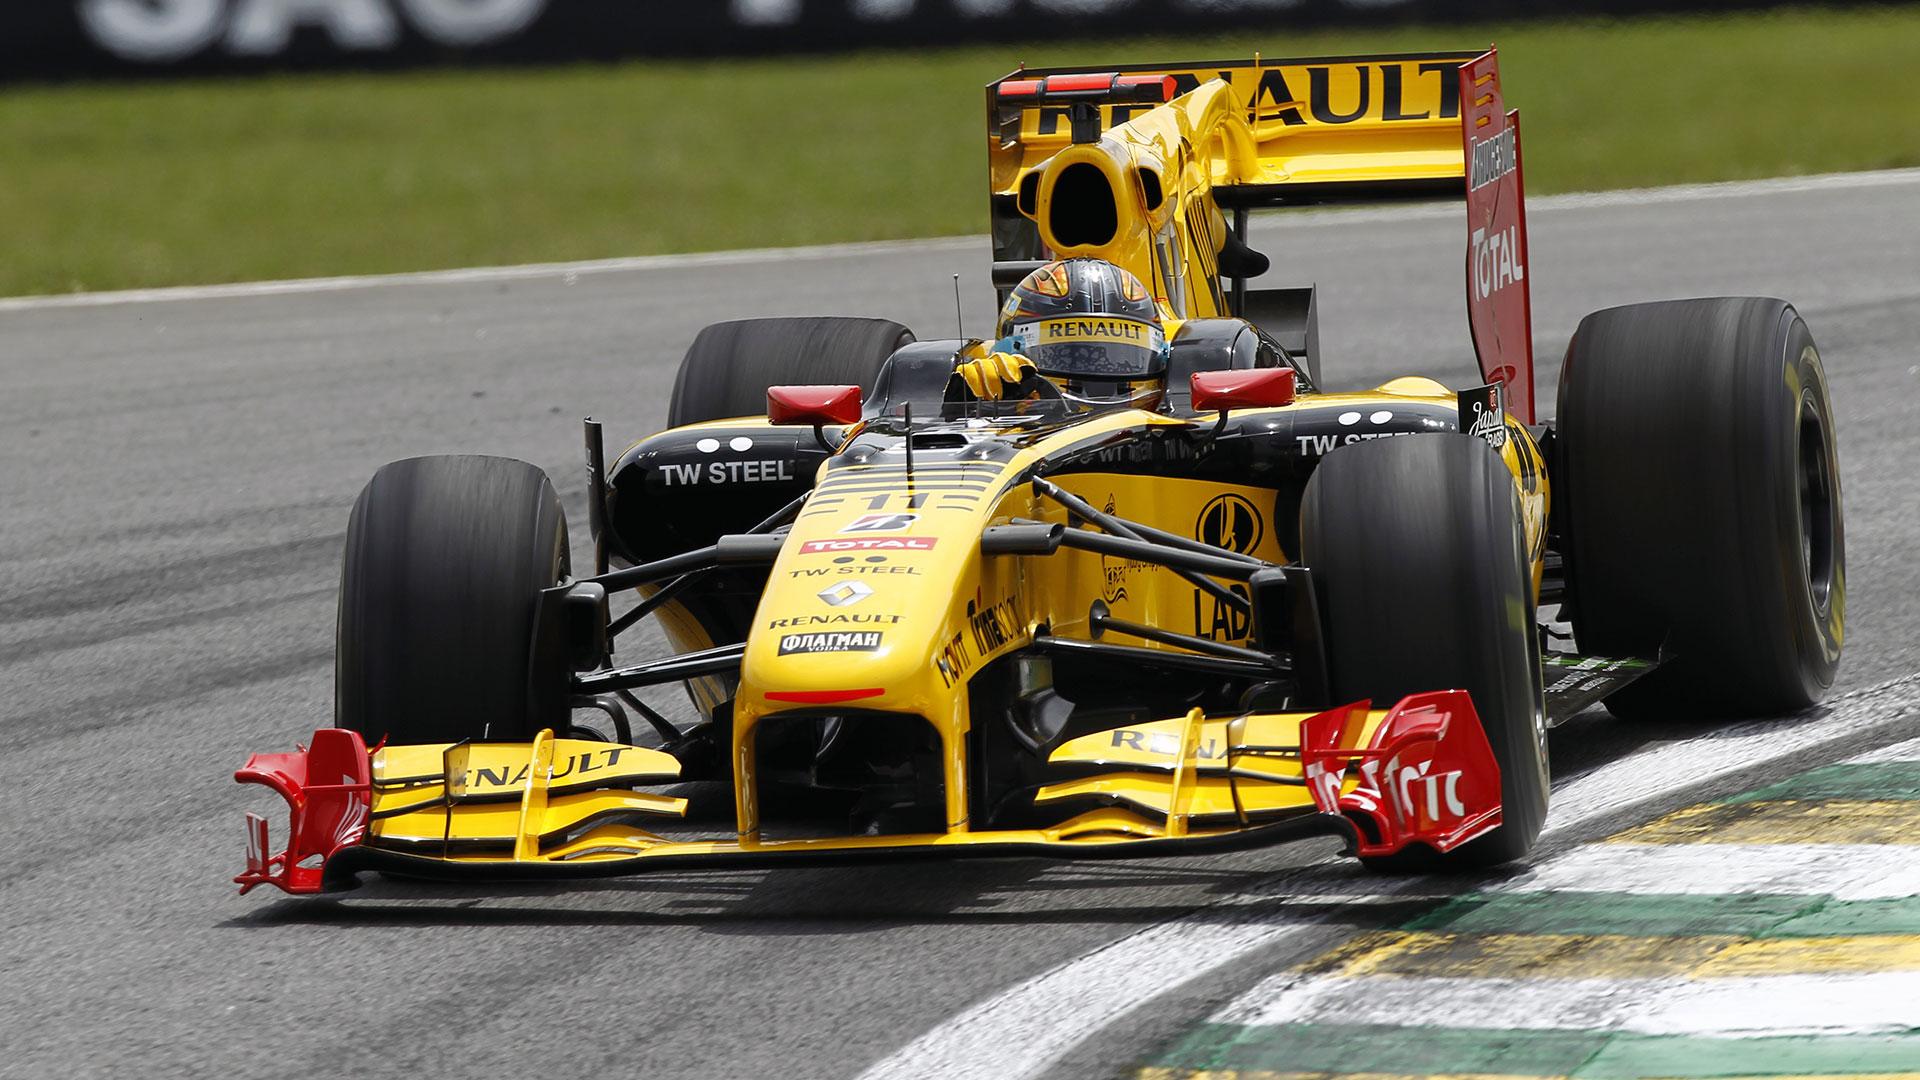 Resultado de imagen de Kubica Renault F1